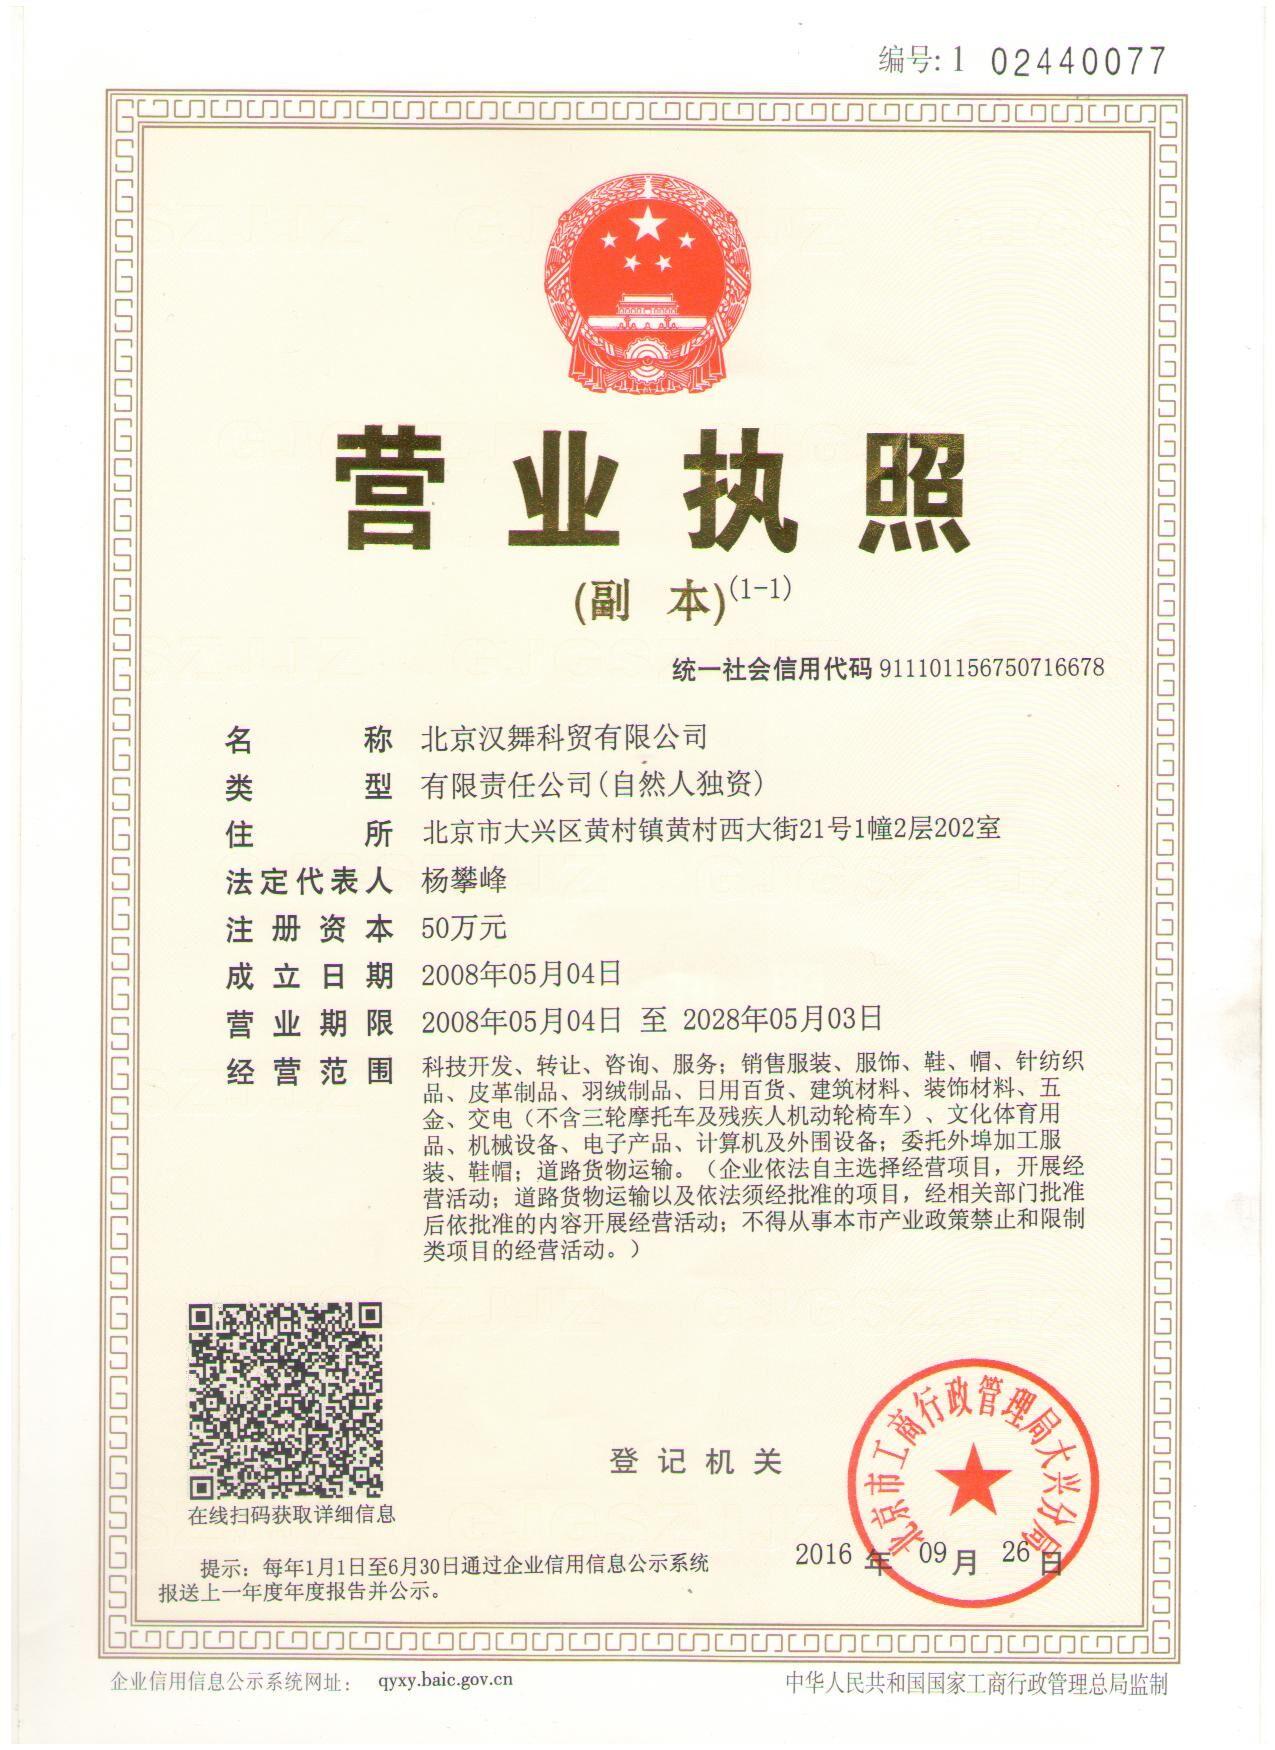 北京汉舞科贸有限公司企业档案